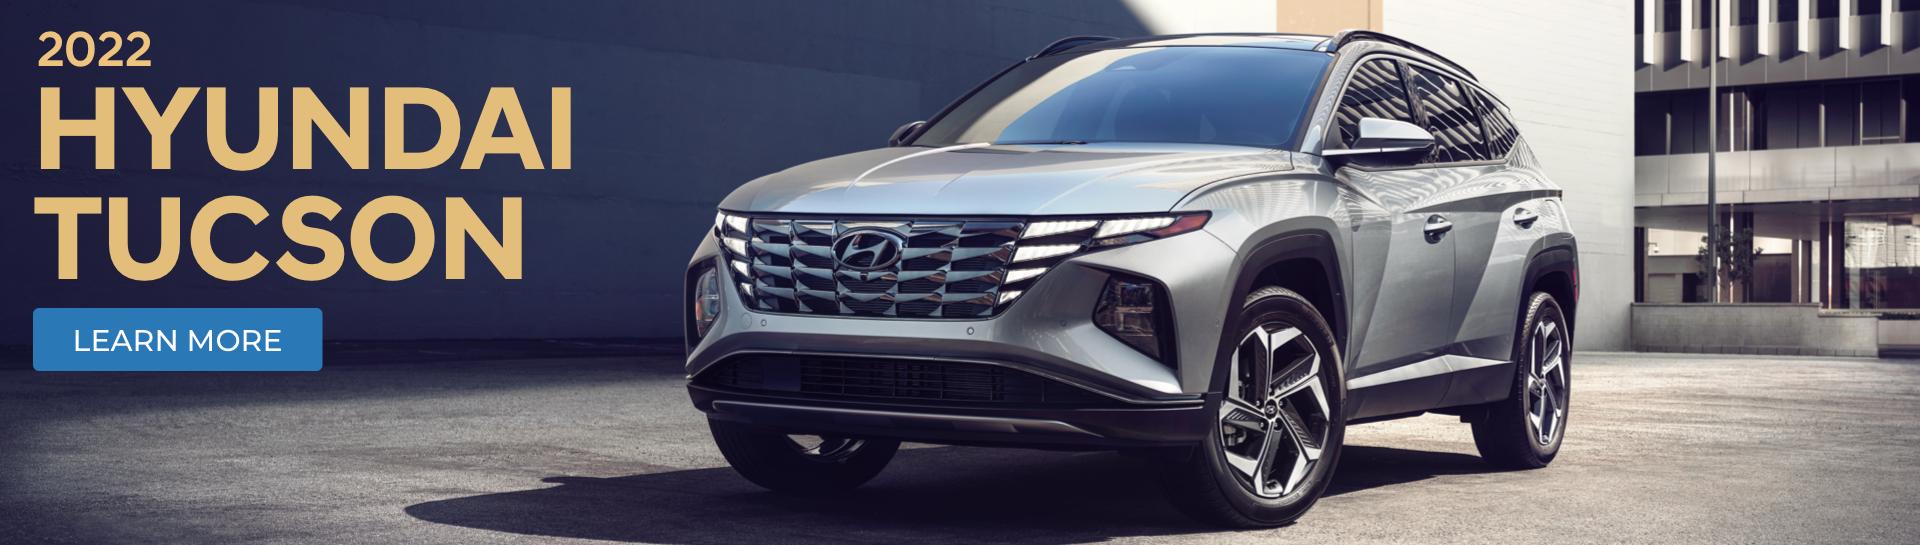 2022 Hyundai TucsonUpdated